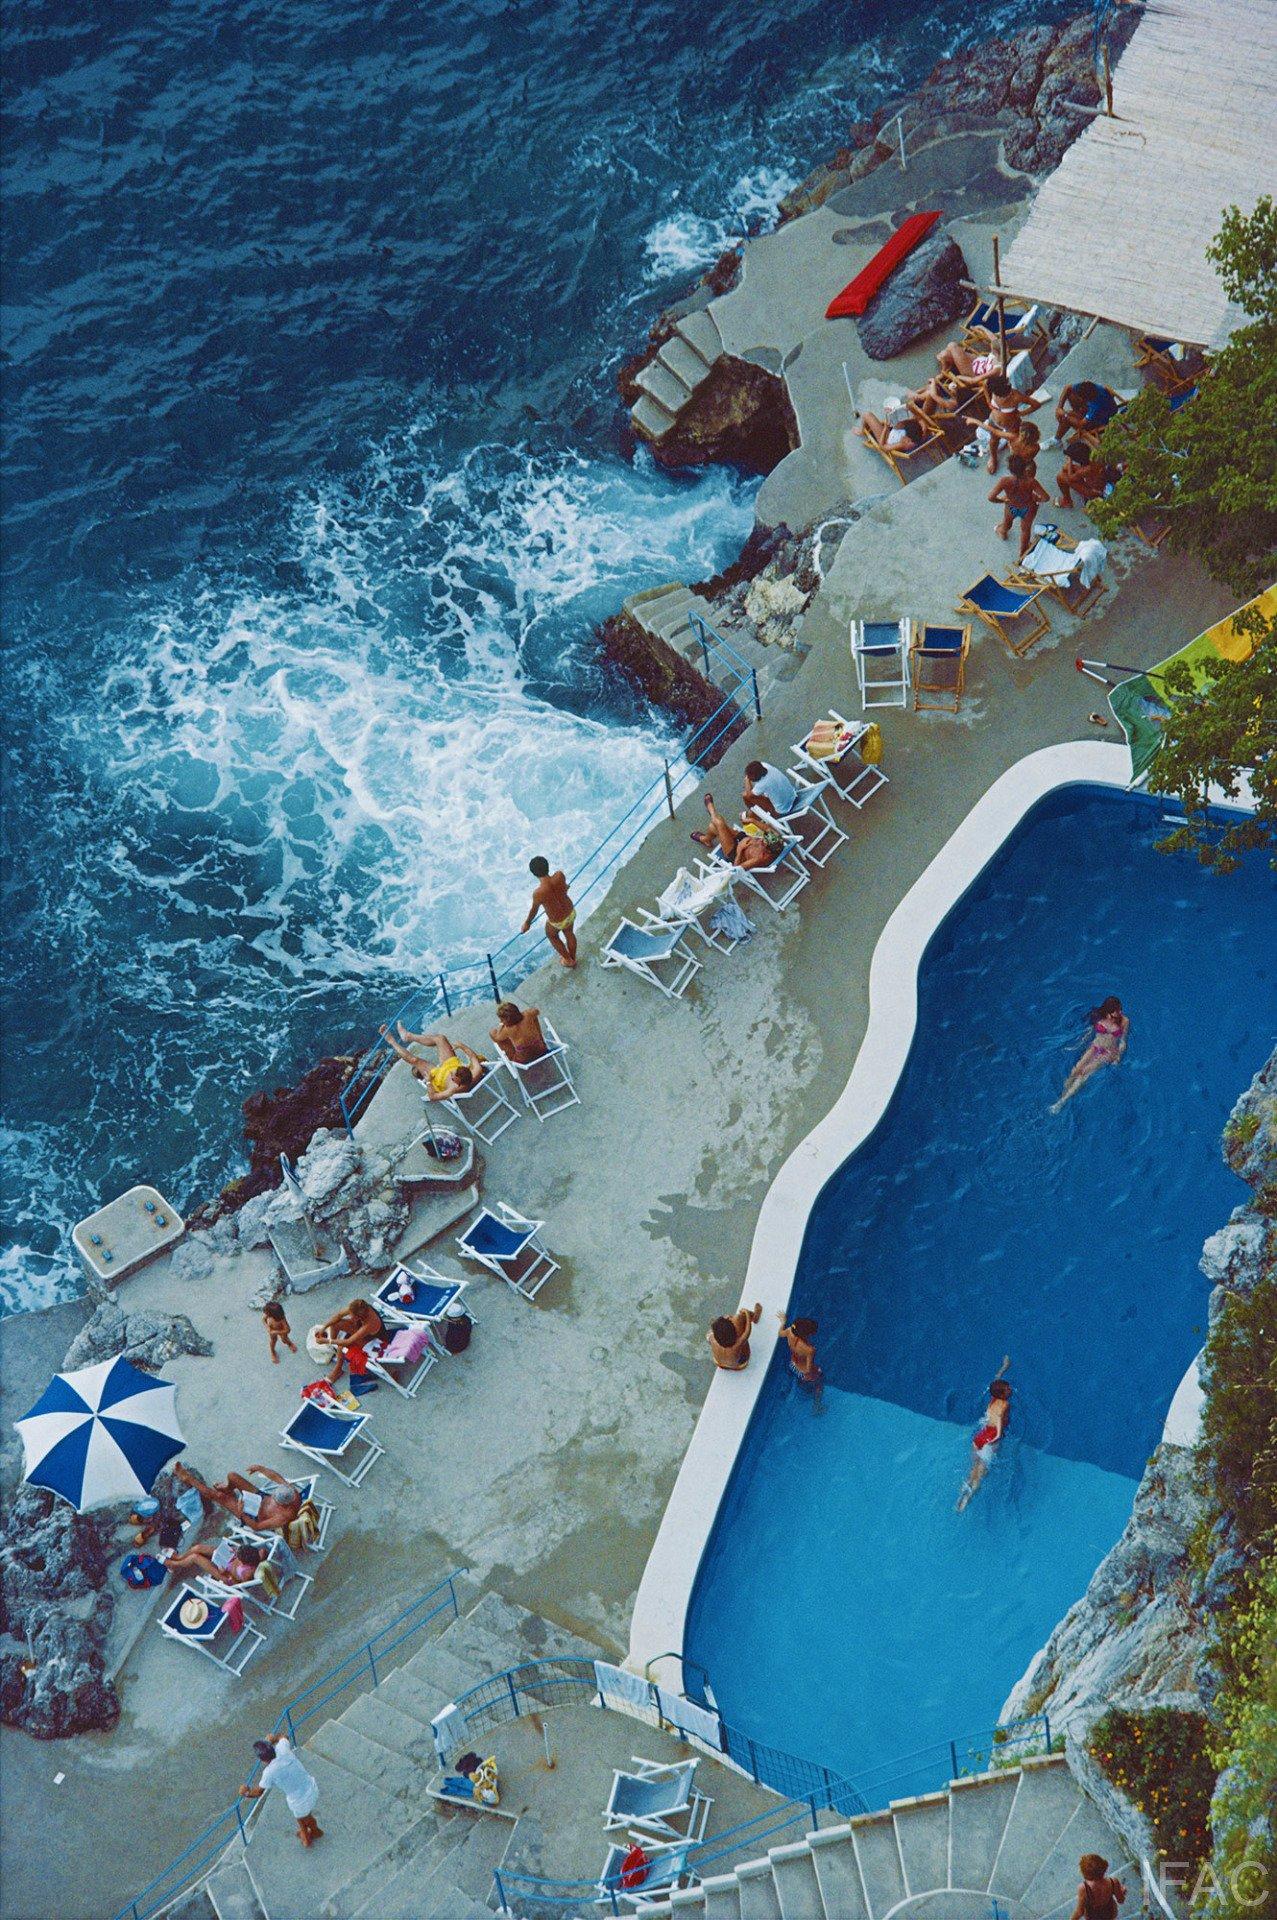 Hotel S. Catrina, Amalfi, Italy, 1984